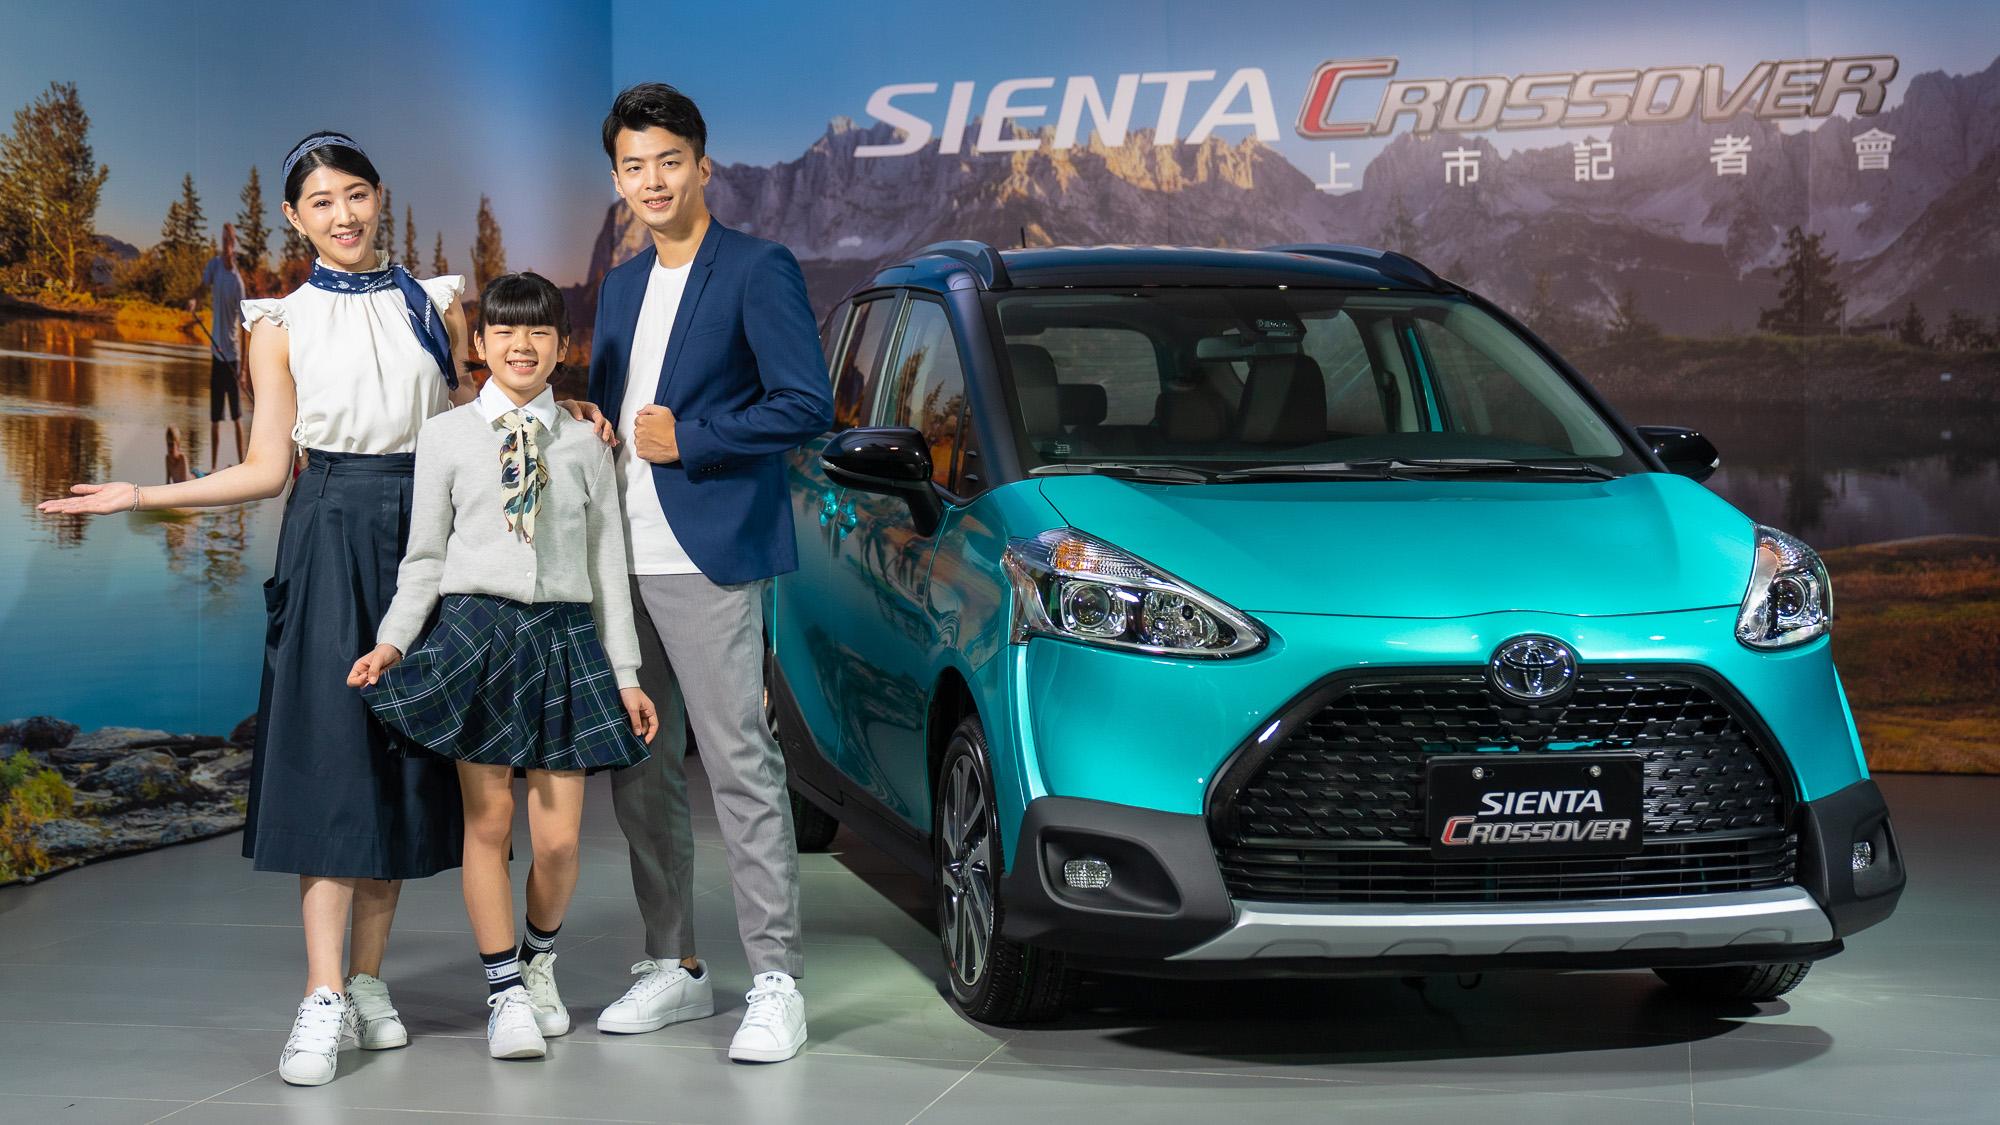 Toyota Sienta Crossover 主打專屬套件、懸吊調校 售價 74.9 萬起